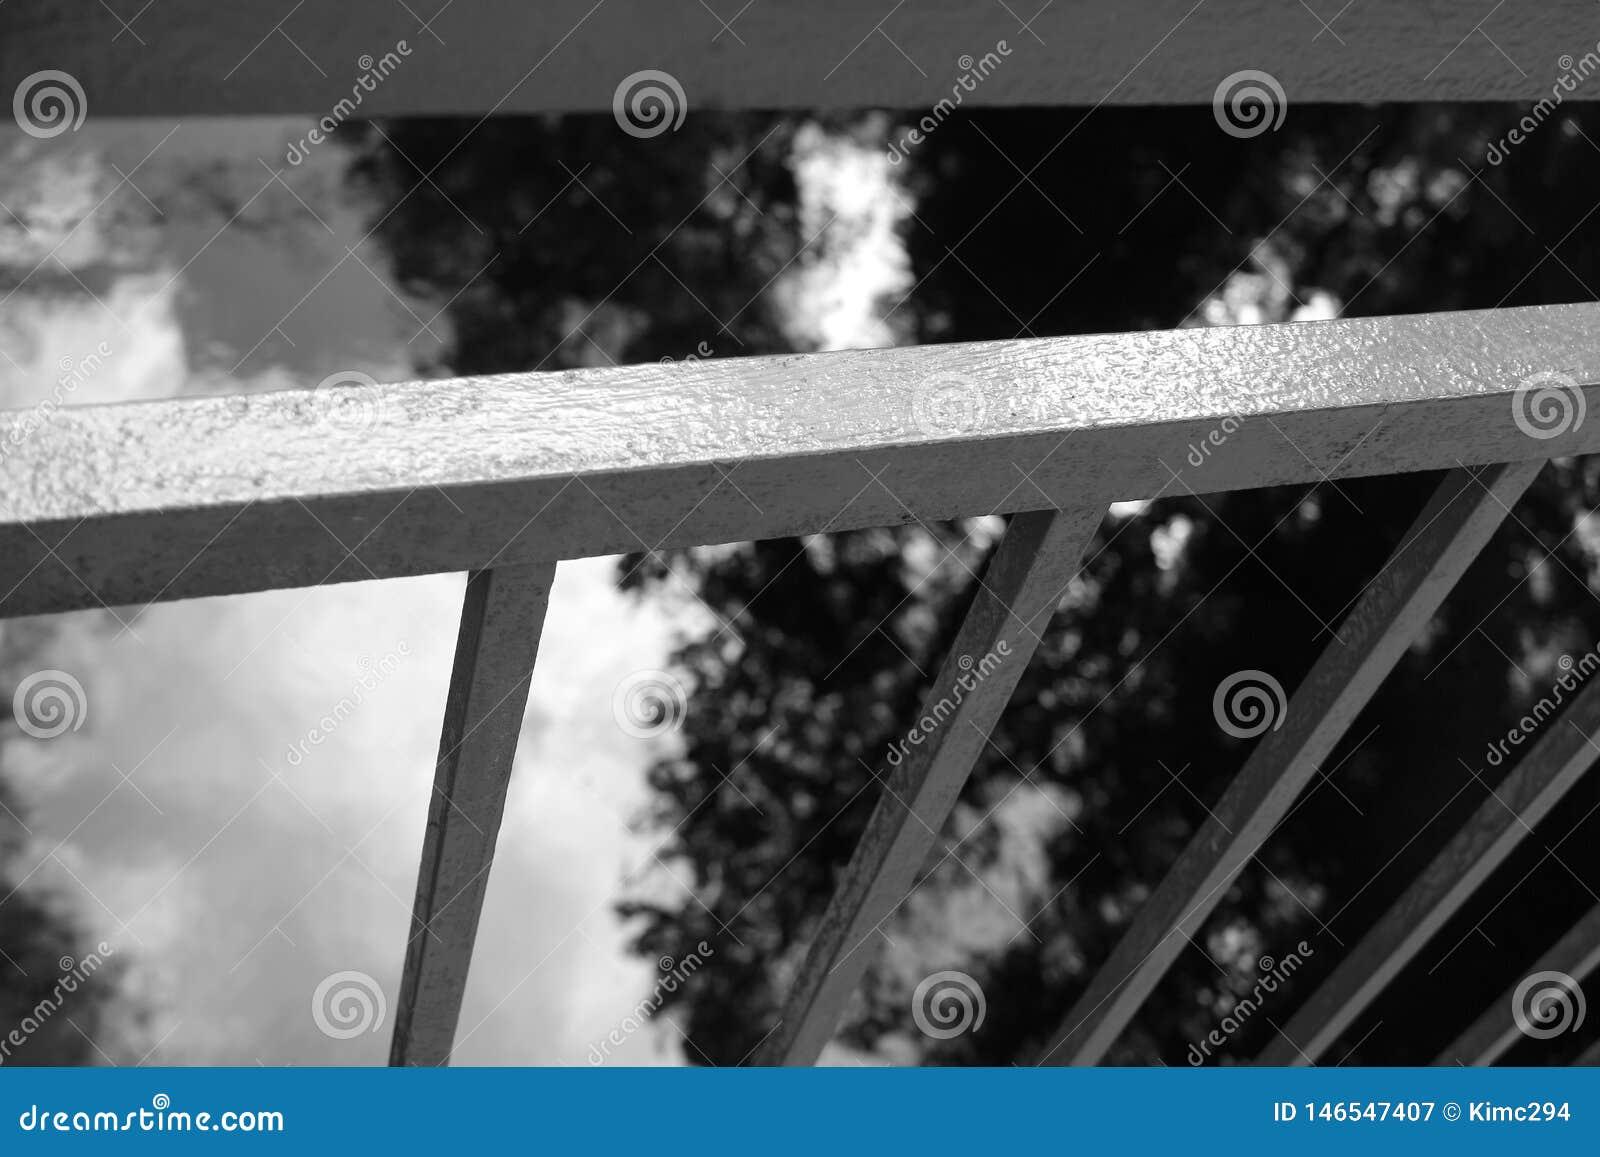 Sluit omhoog op een metaalbrugtraliewerk